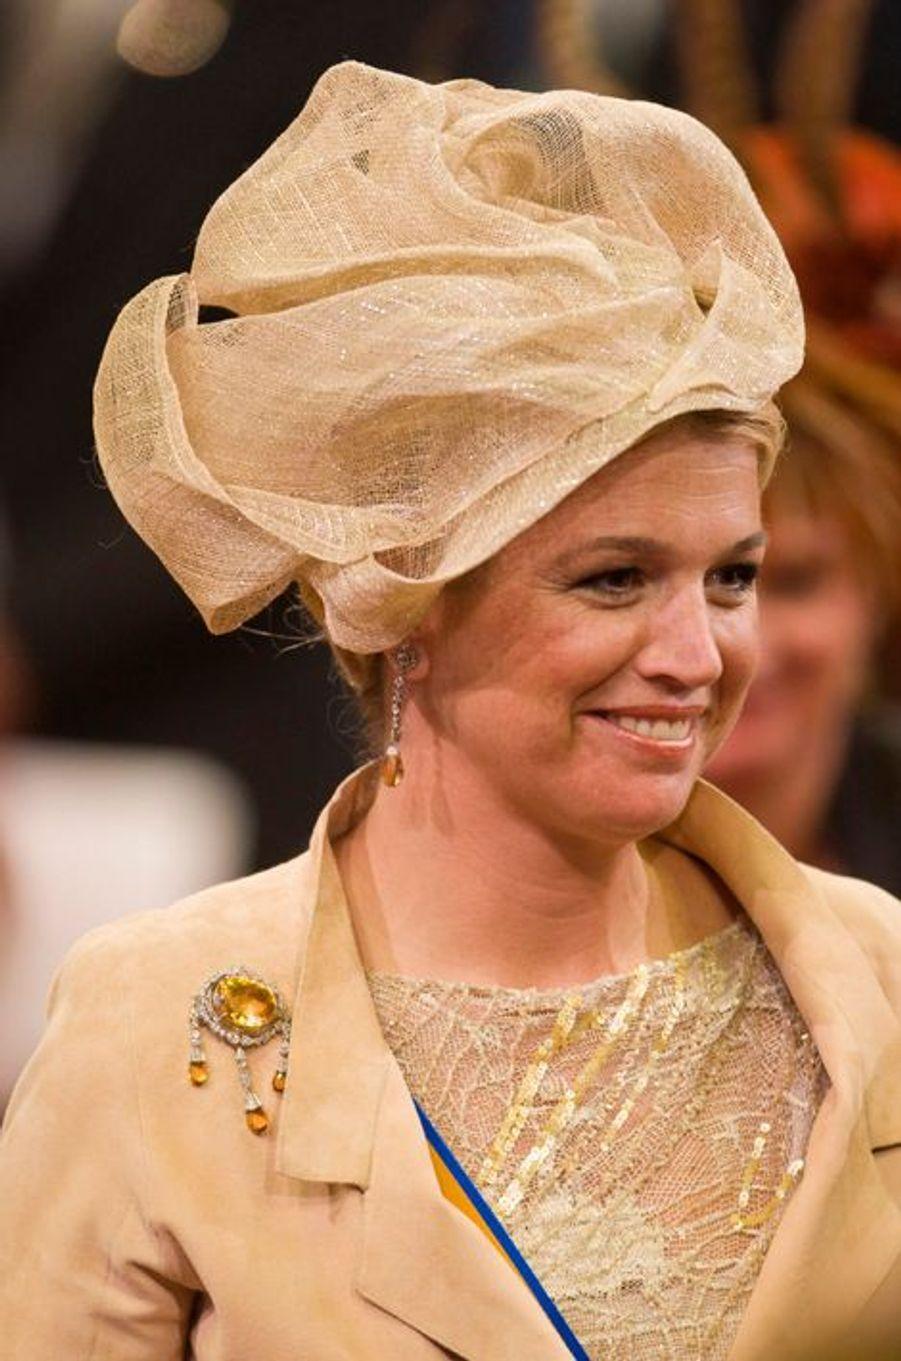 La princesse Maxima des Pays-Bas à La Haye, le 18 septembre 2007